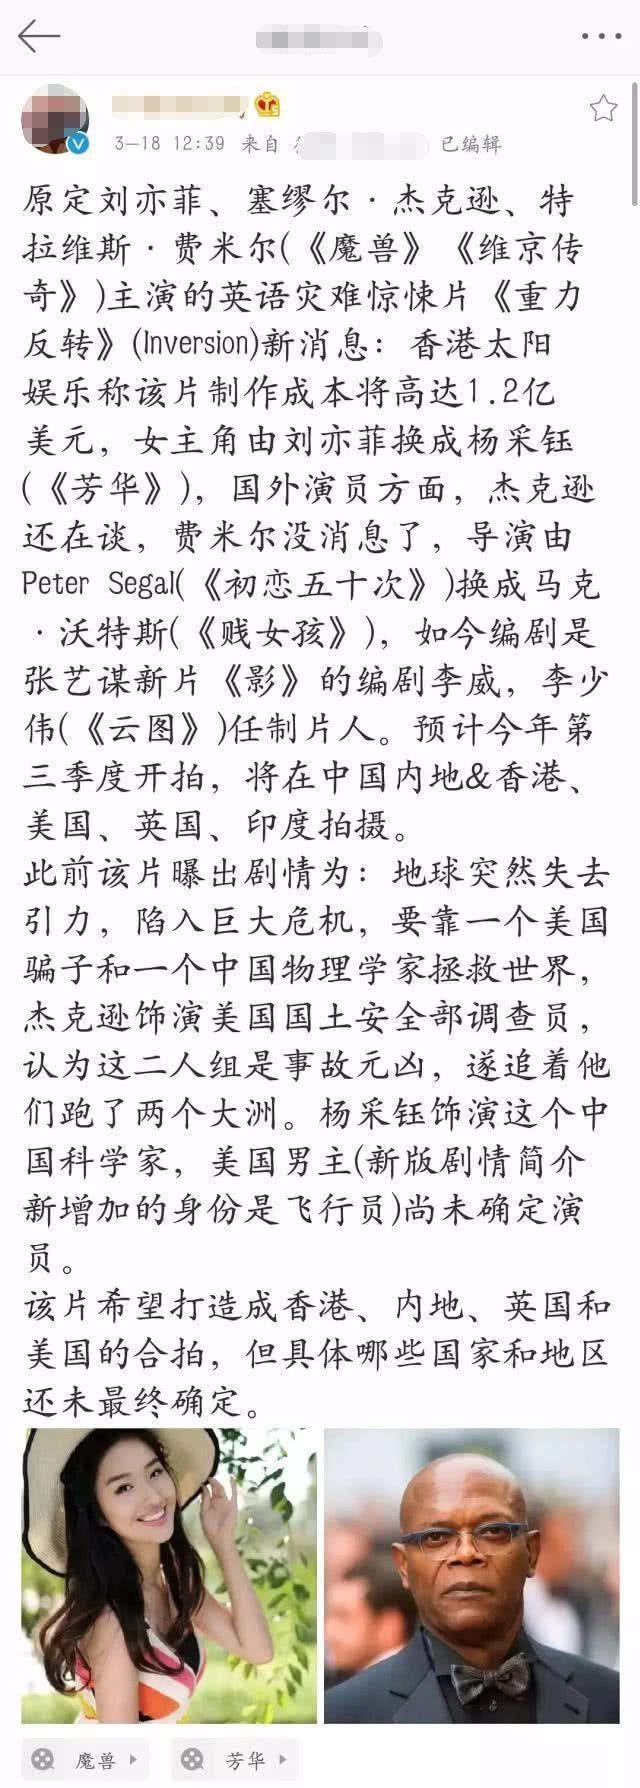 刘亦菲女配角被截胡怎样回事 重力反转新女主疑似刘亦菲寄父的女友